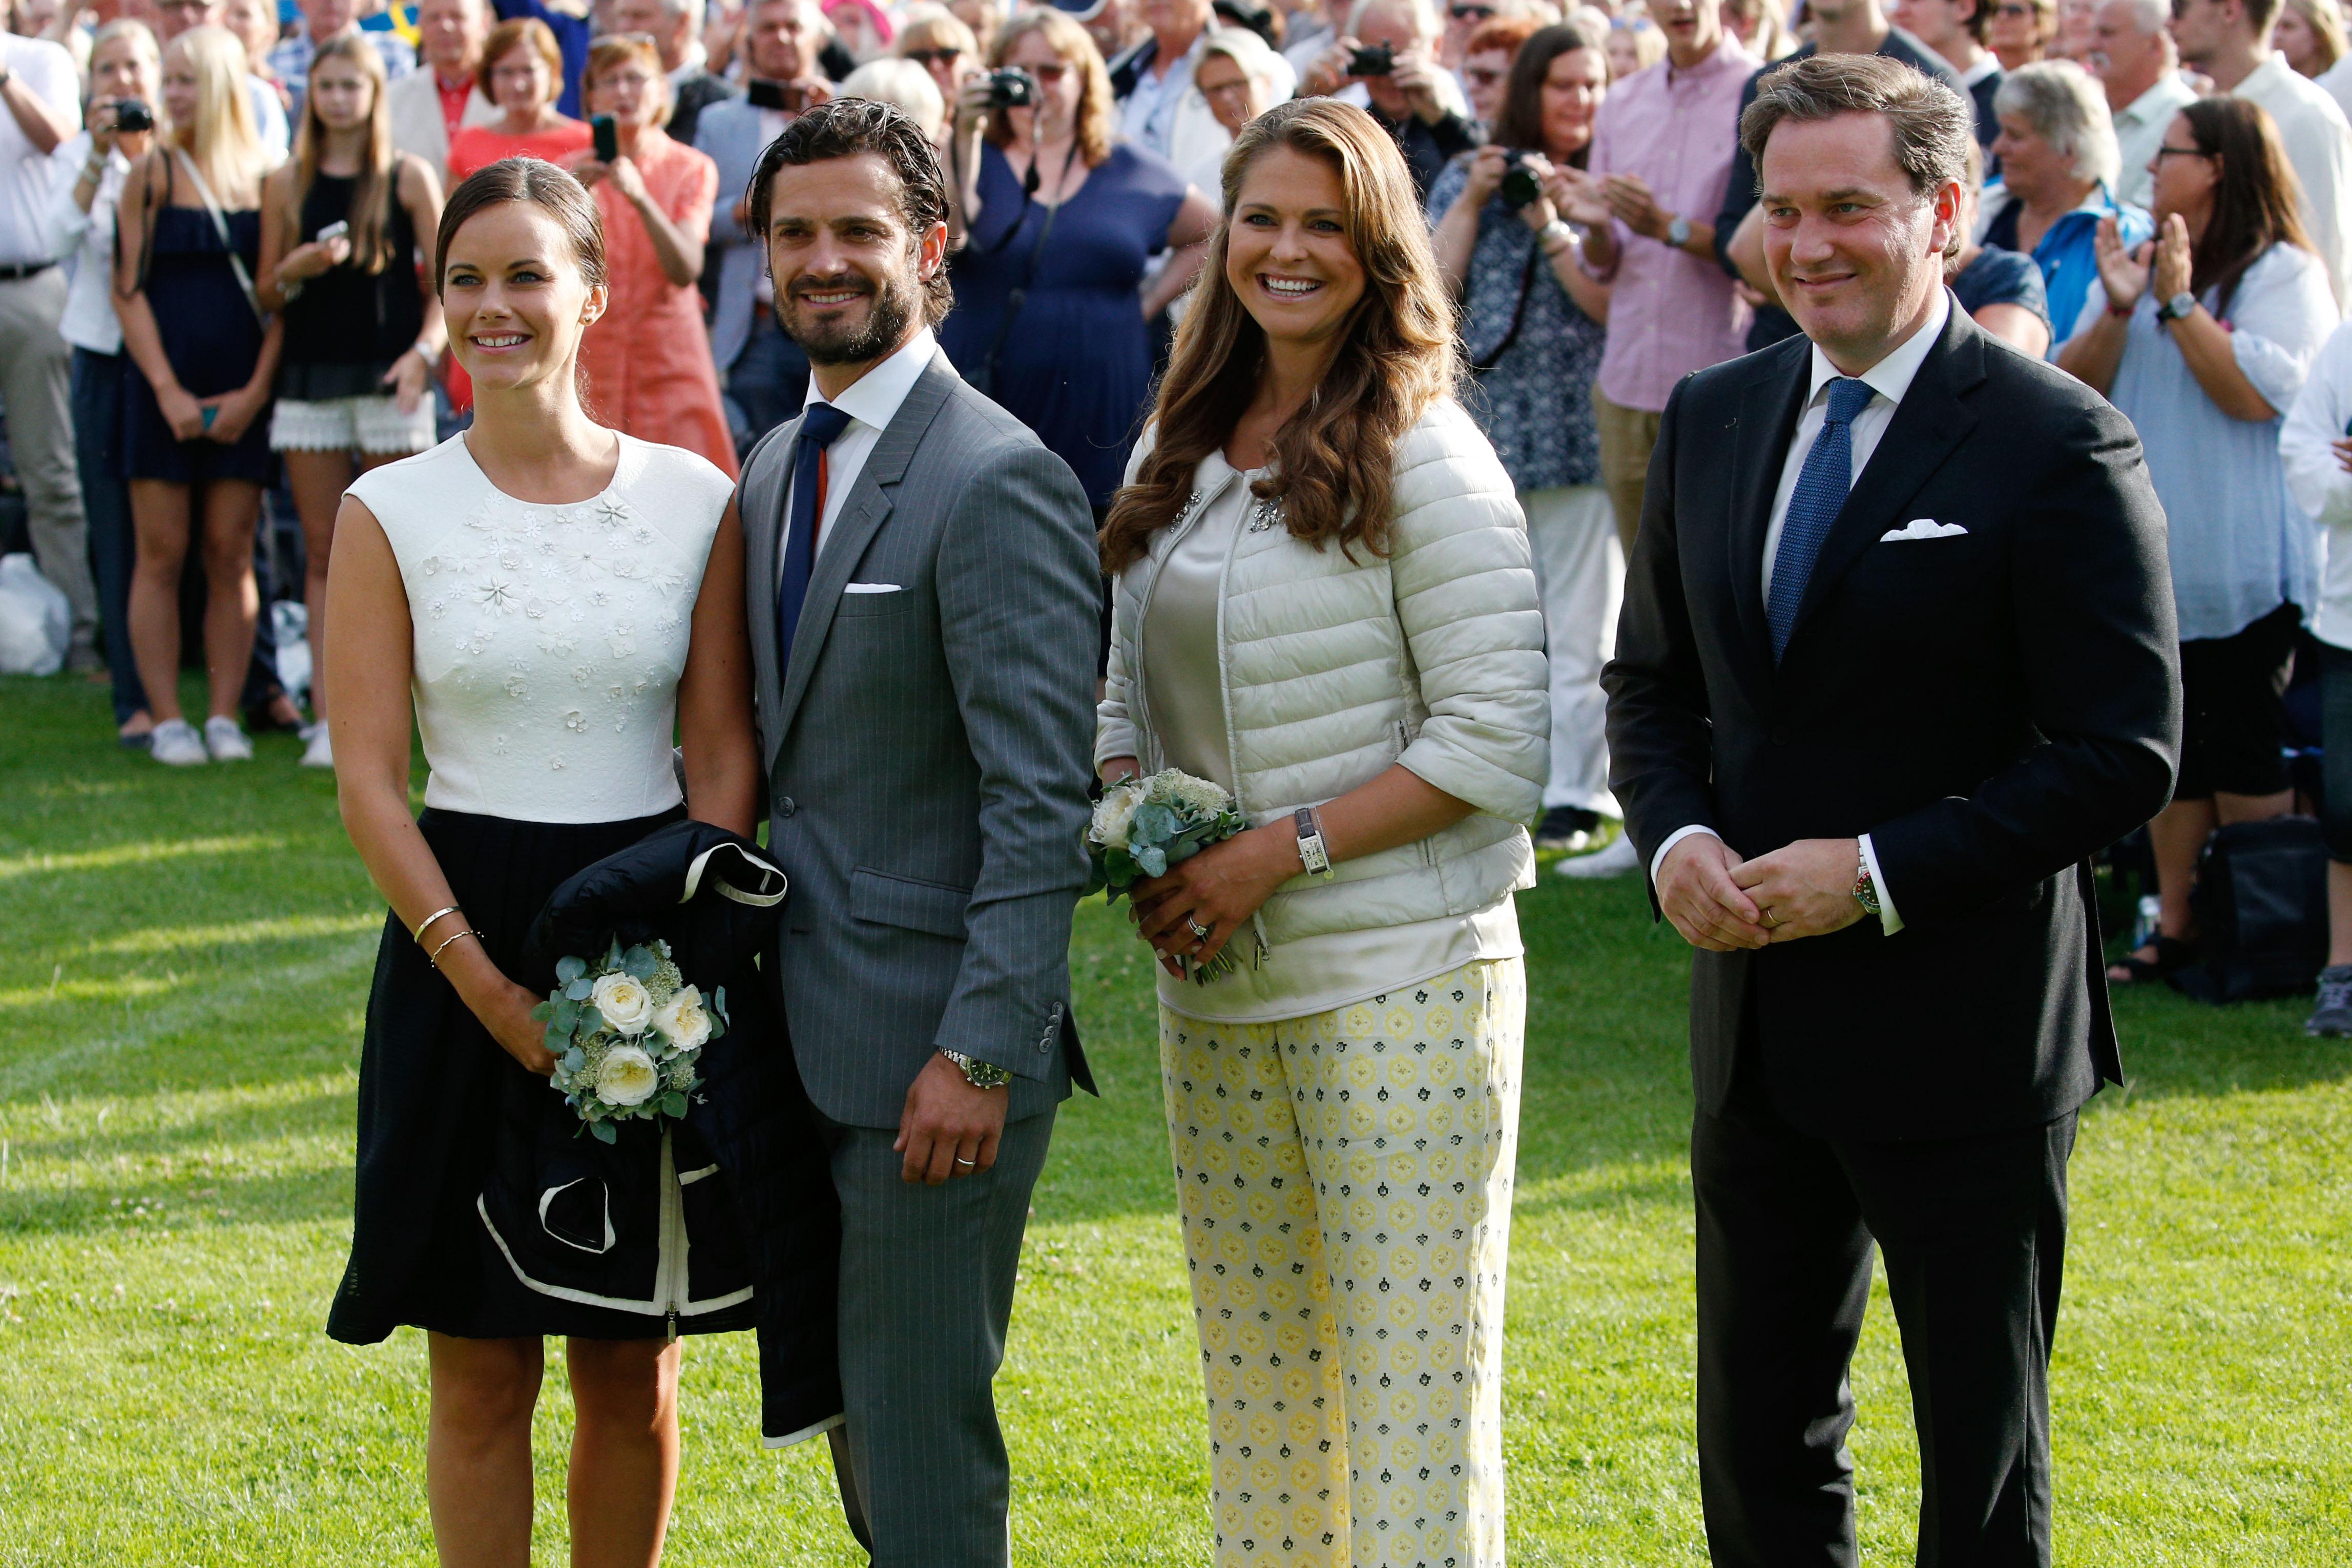 A svéd királyi családban nagy az összetartás, Madeleine hercegnő ezért egyértelműnek tartotta, hogy öccsét, Károly Fülöp herceget kéri fel keresztapának